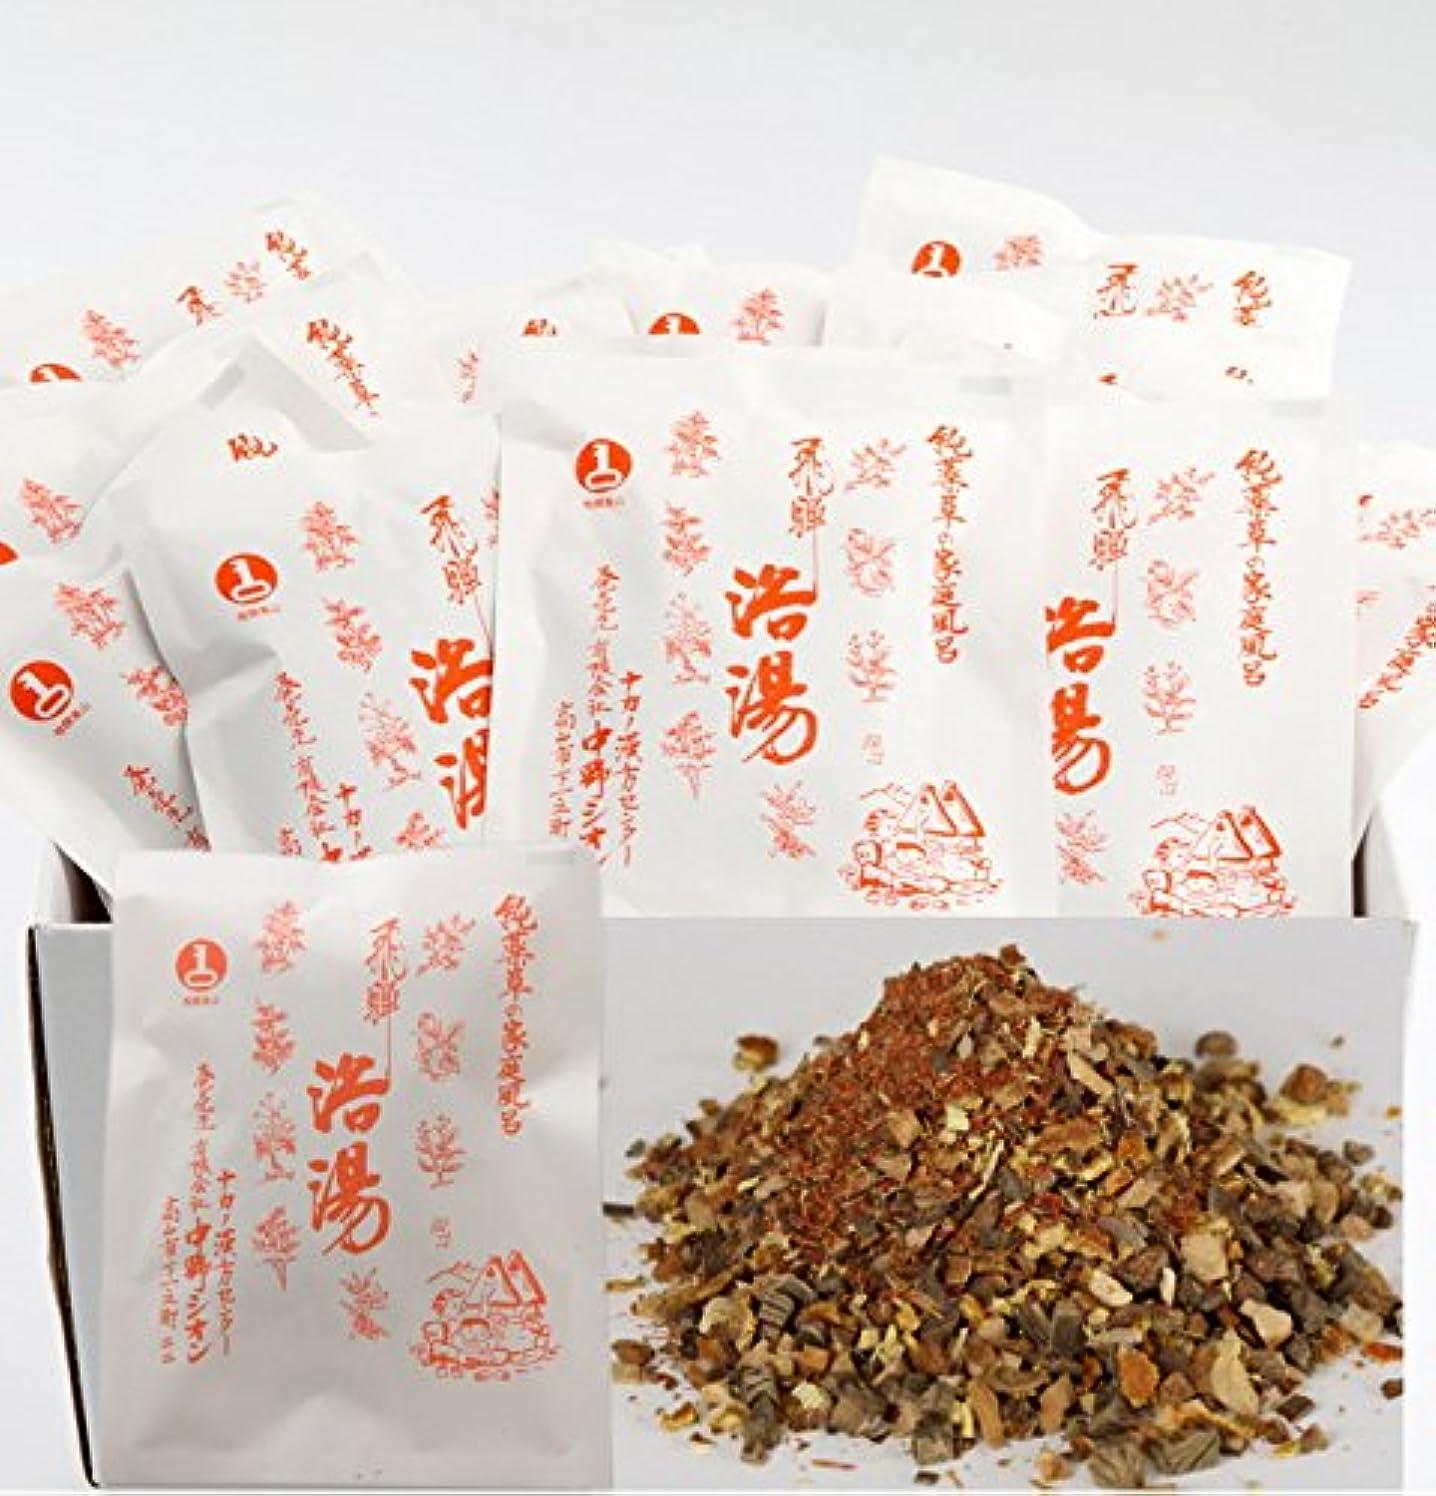 大臣振る戦術浴湯 飛騨浴湯 ~純薬草のお風呂~ 15袋(15包)セット